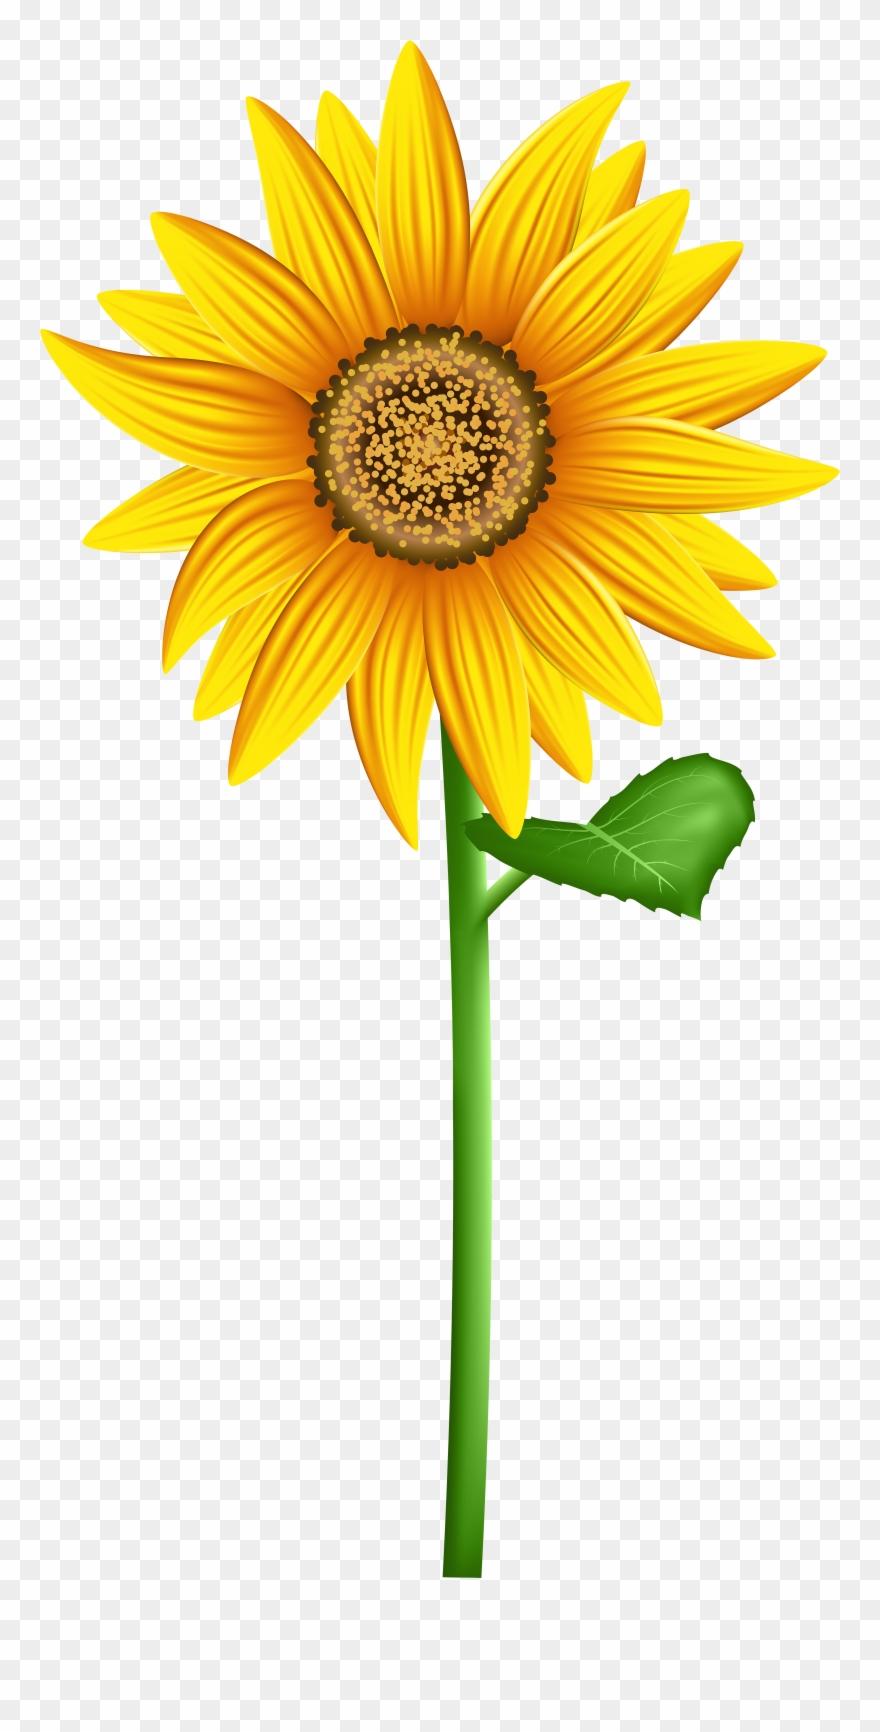 Sunflower clipart transparent banner stock Transparent Background Sunflower Clipart - Png Download ... banner stock